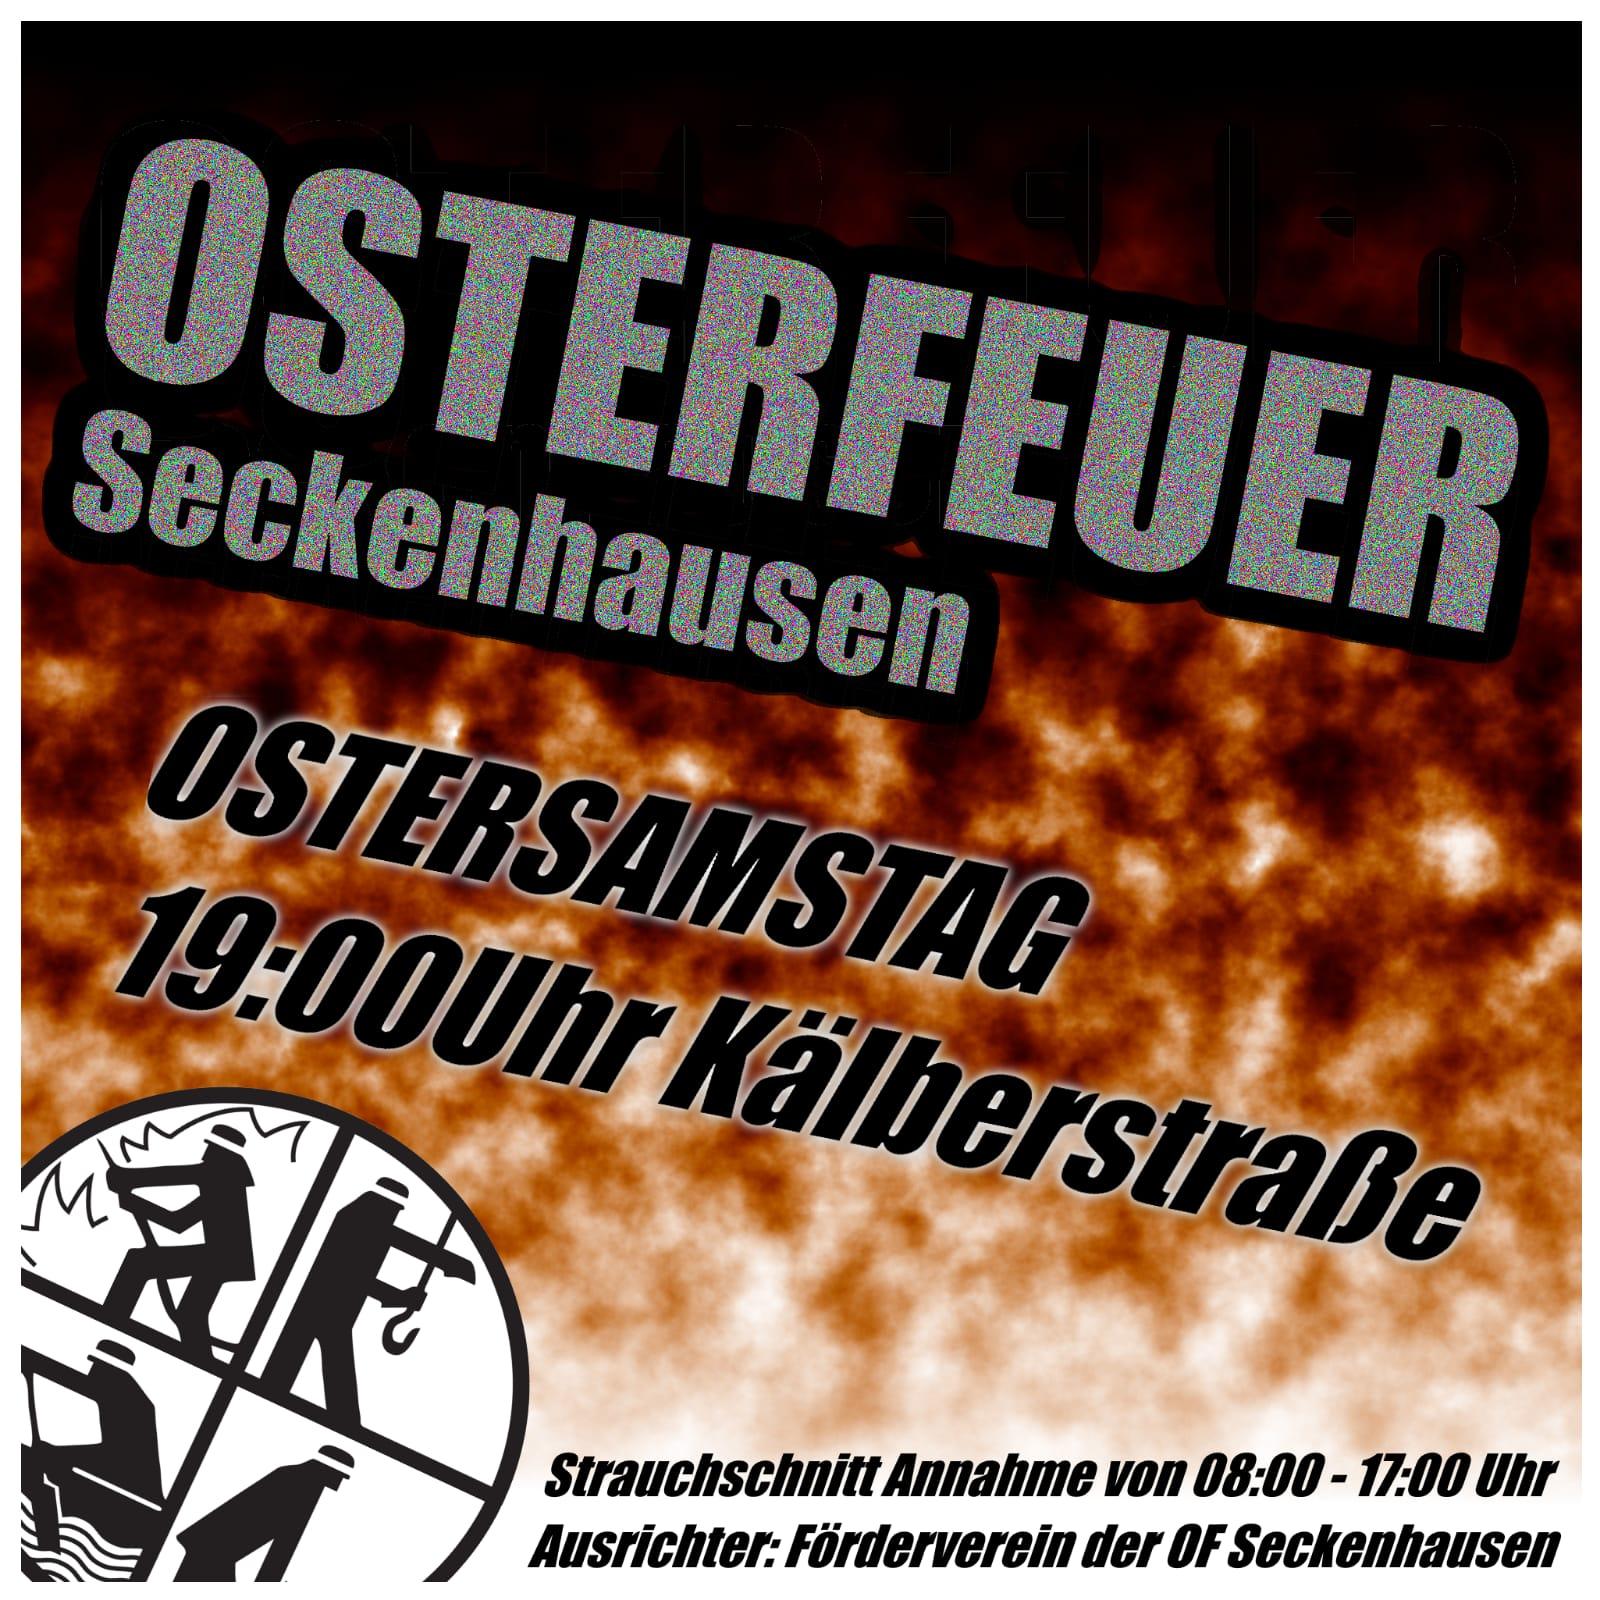 images/Ortsfeuerwehren/Seckenhausen/aktuelles/IMG-20190403-WA0029.jpg